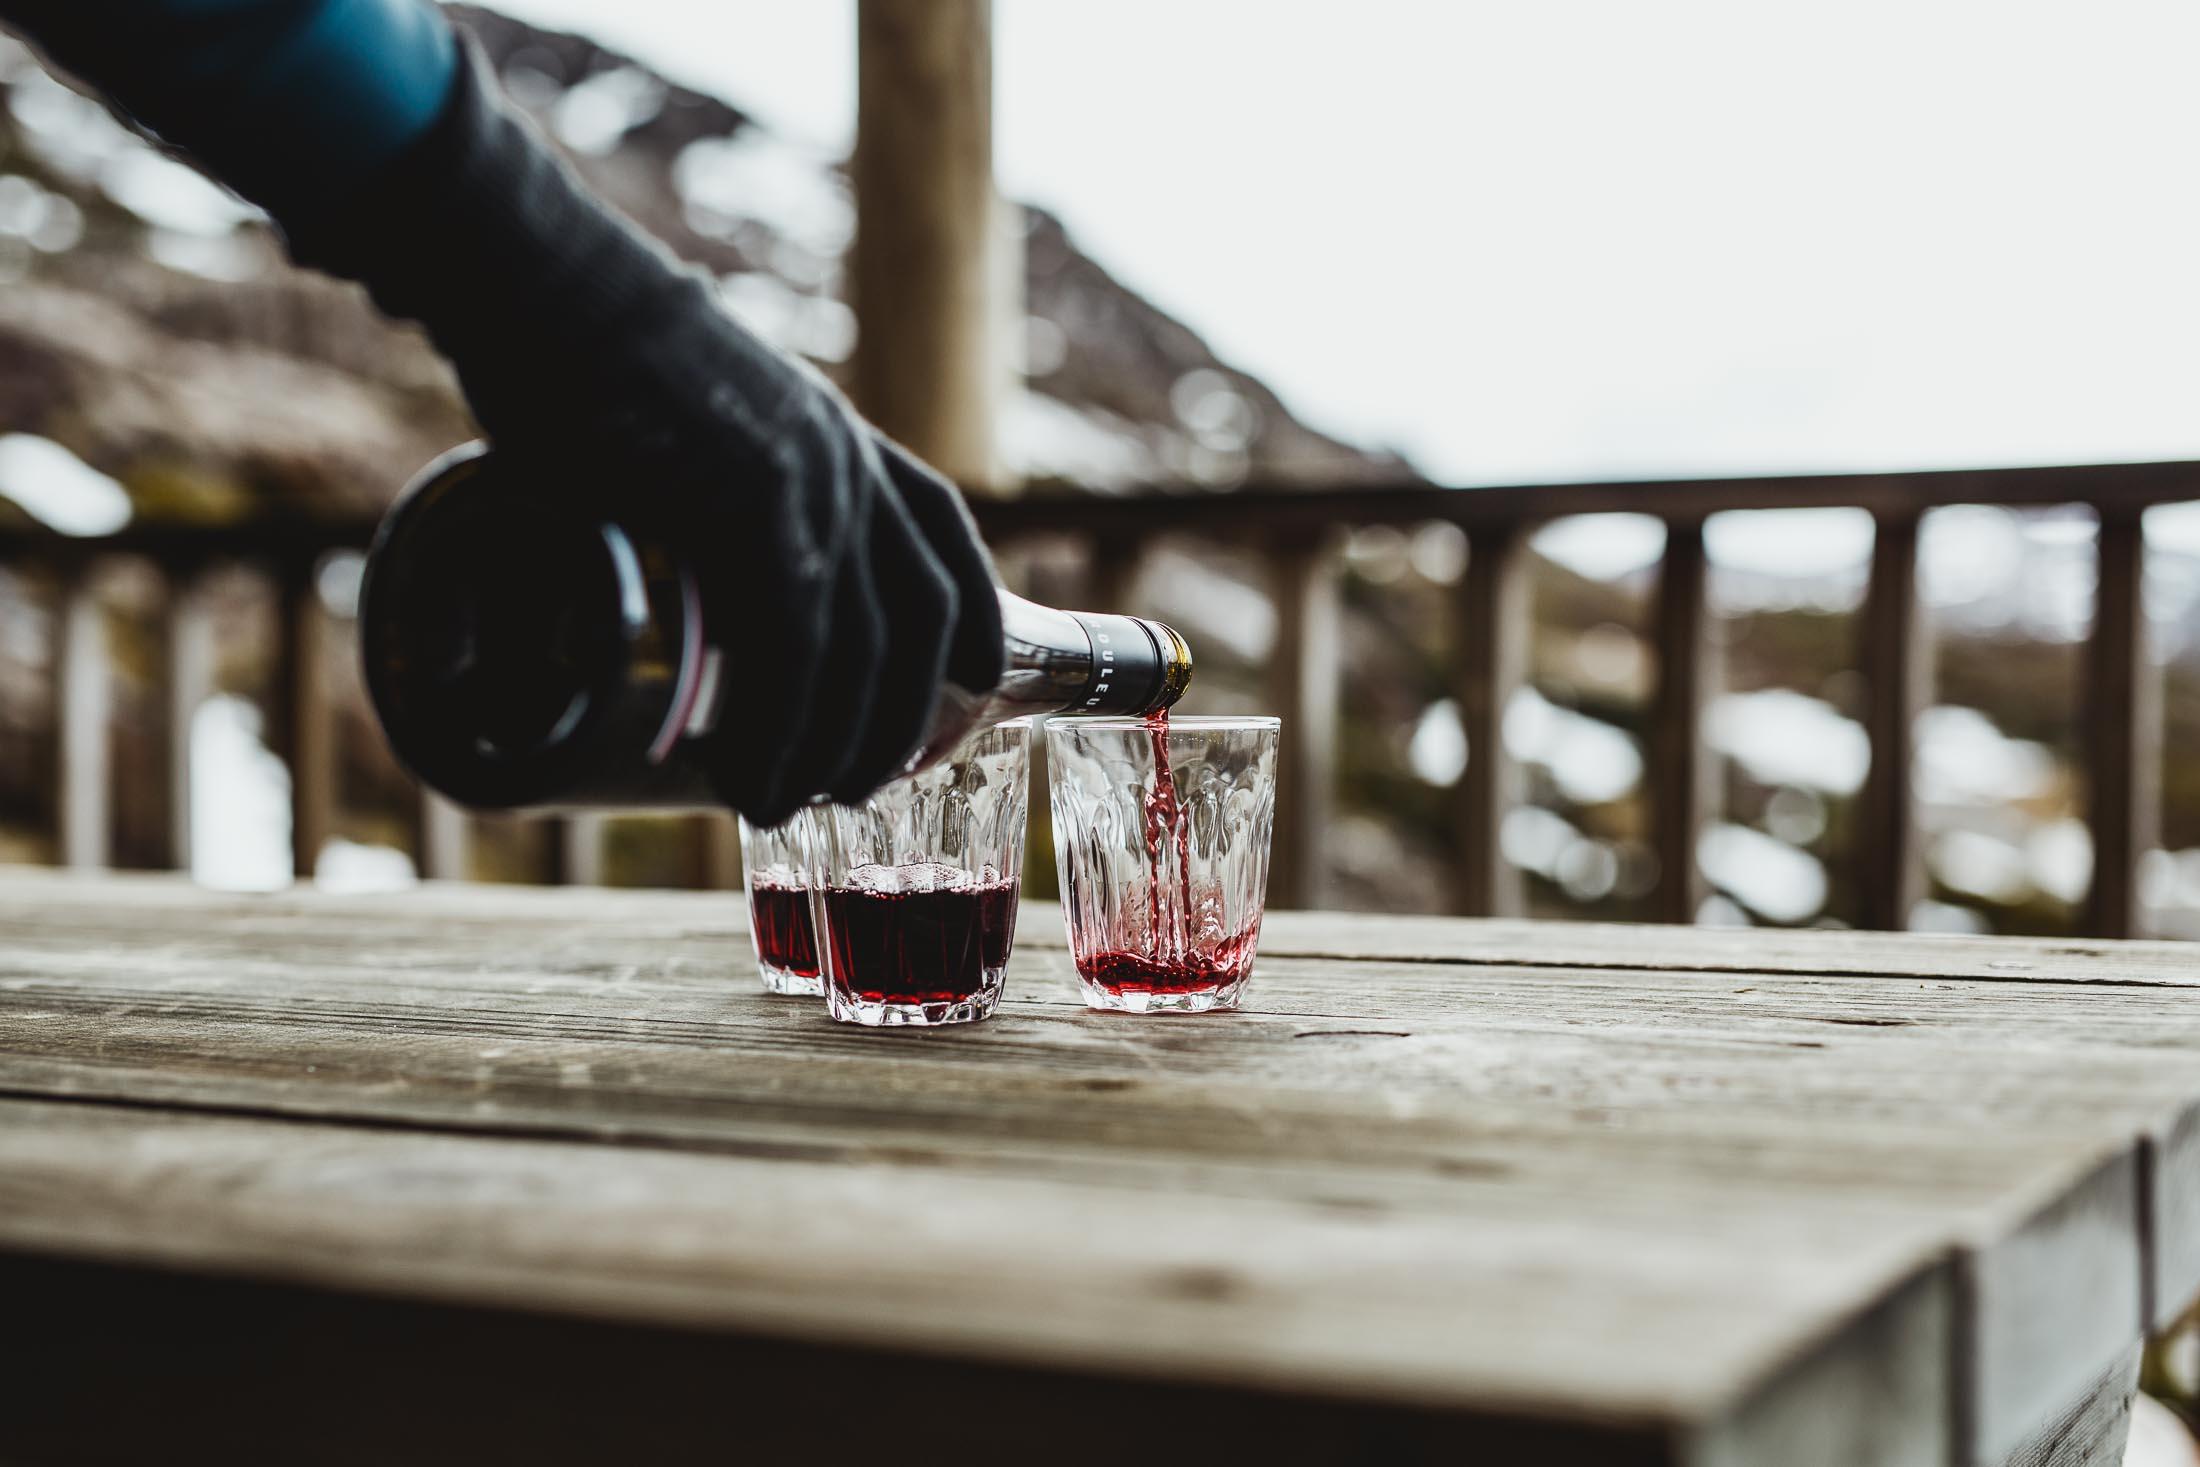 ROULEUR WINE CO 34